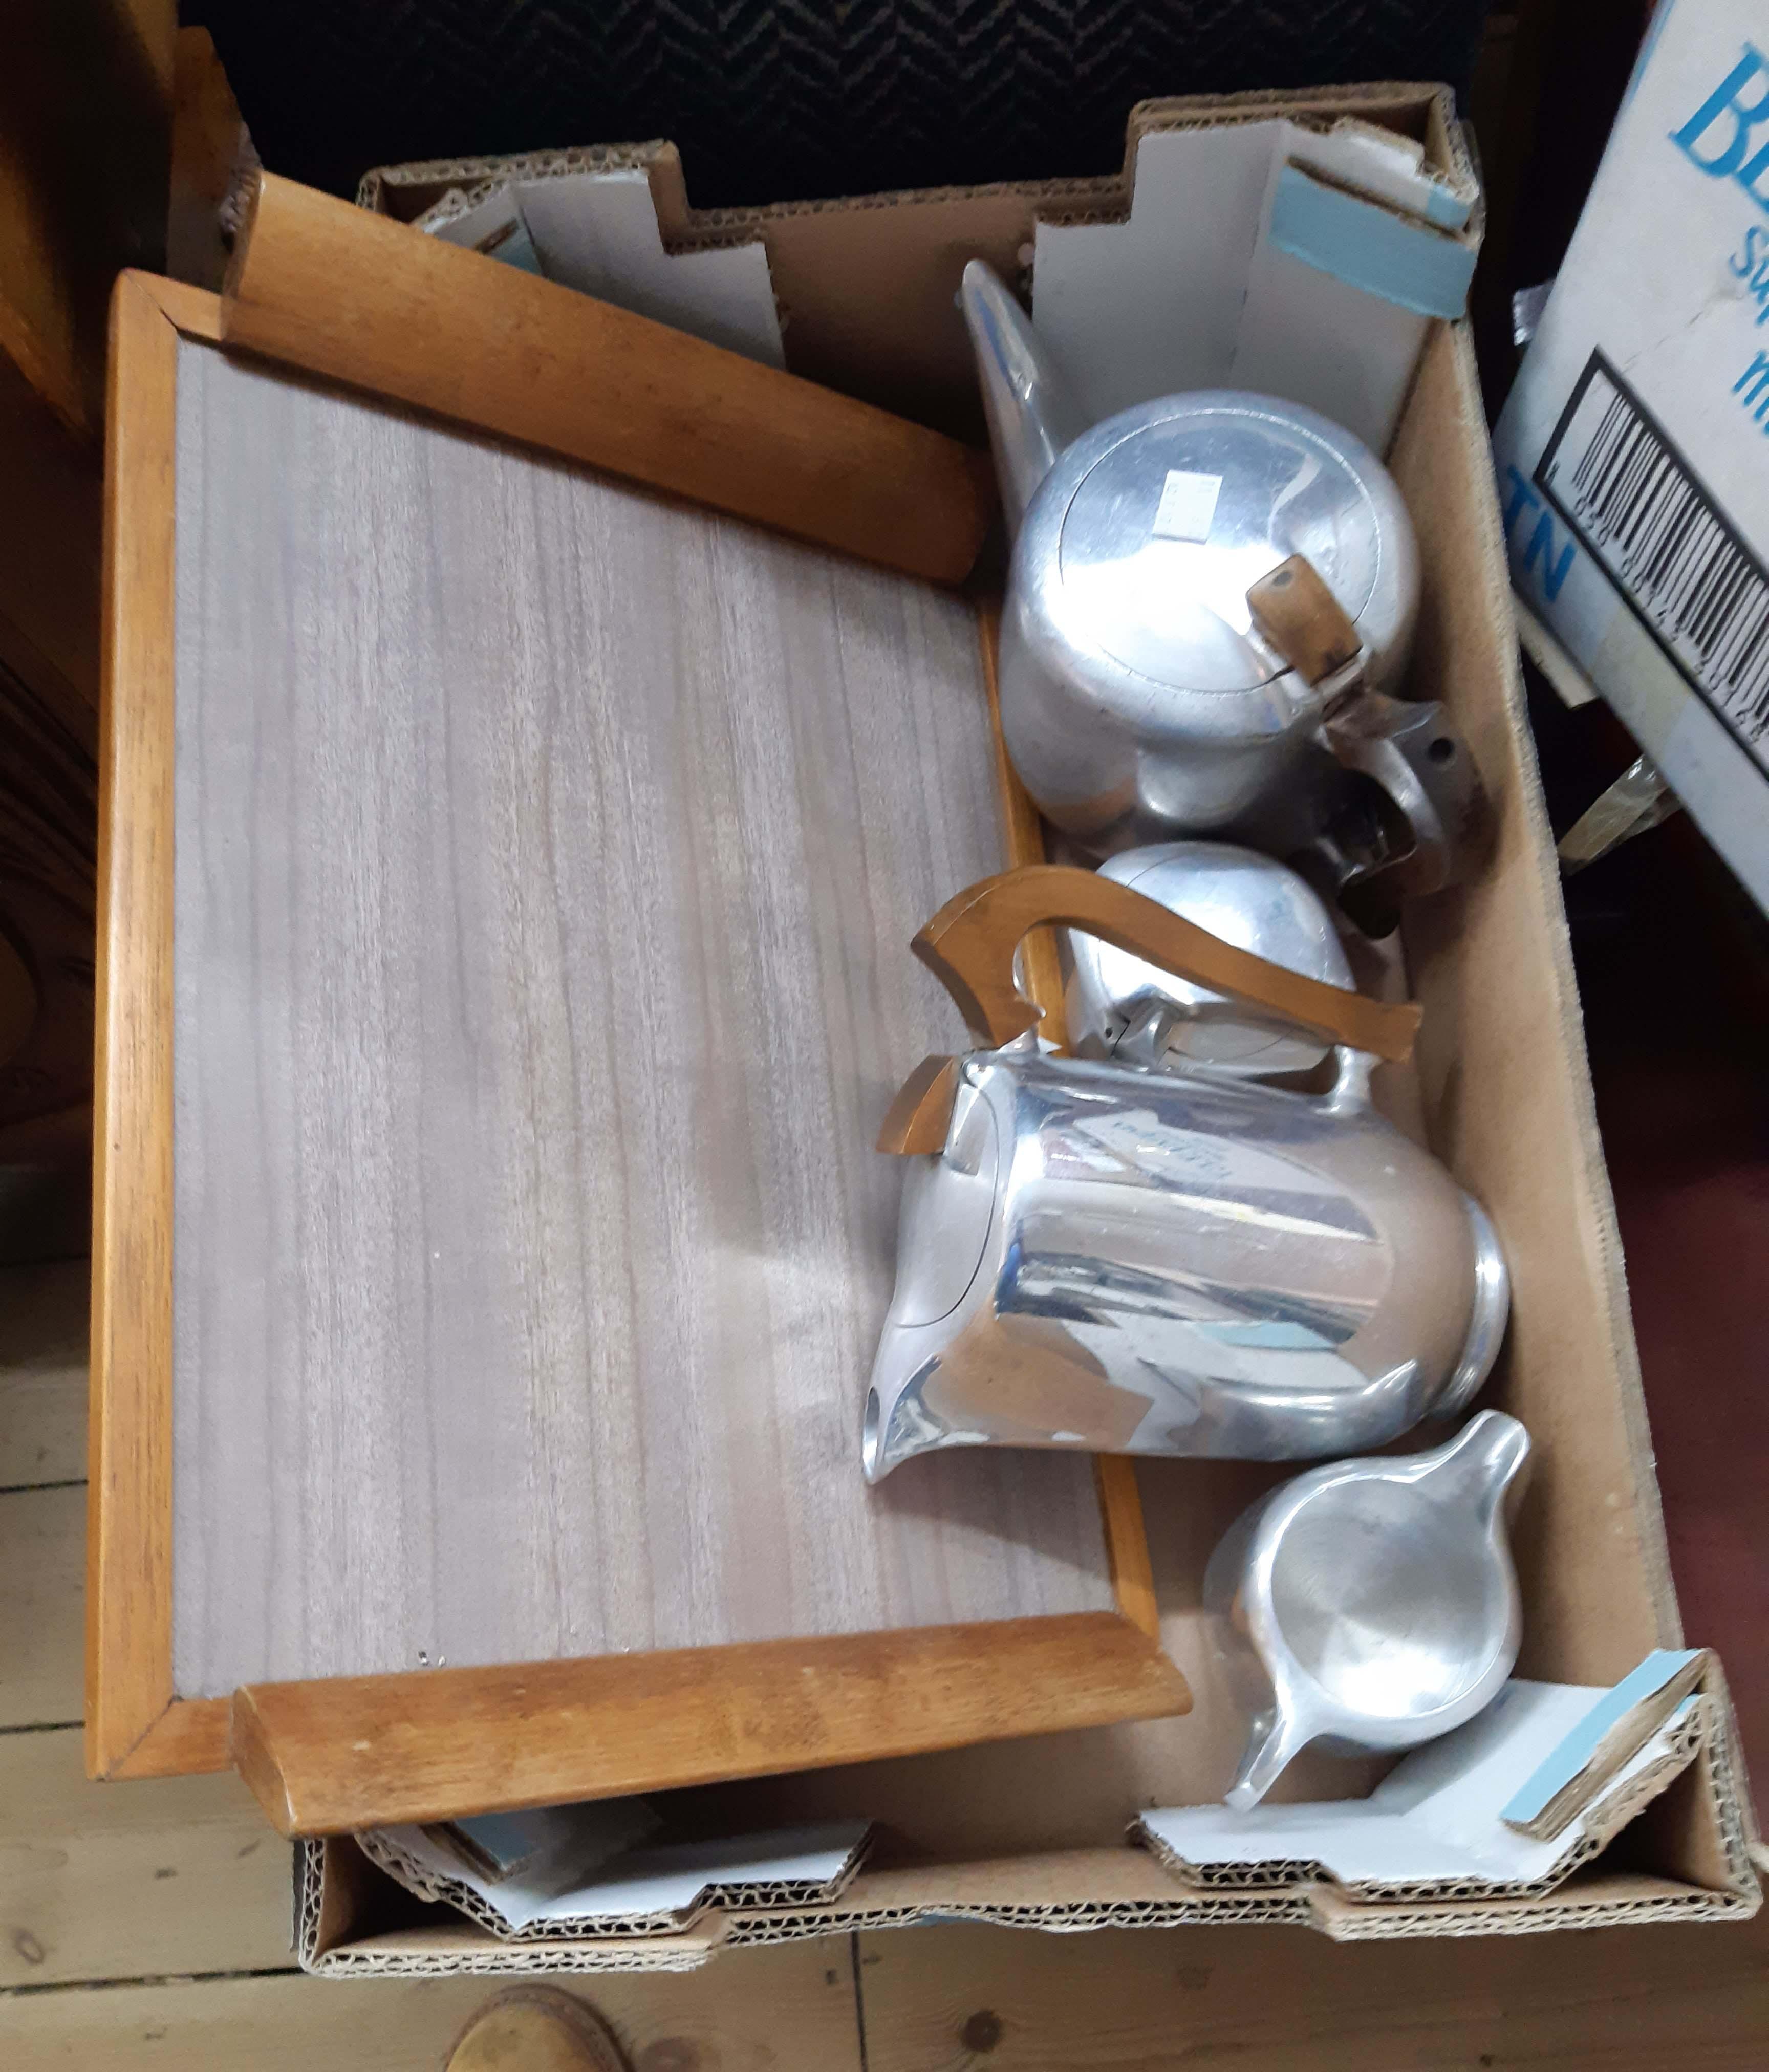 A Pico ware polished aluminium tea set